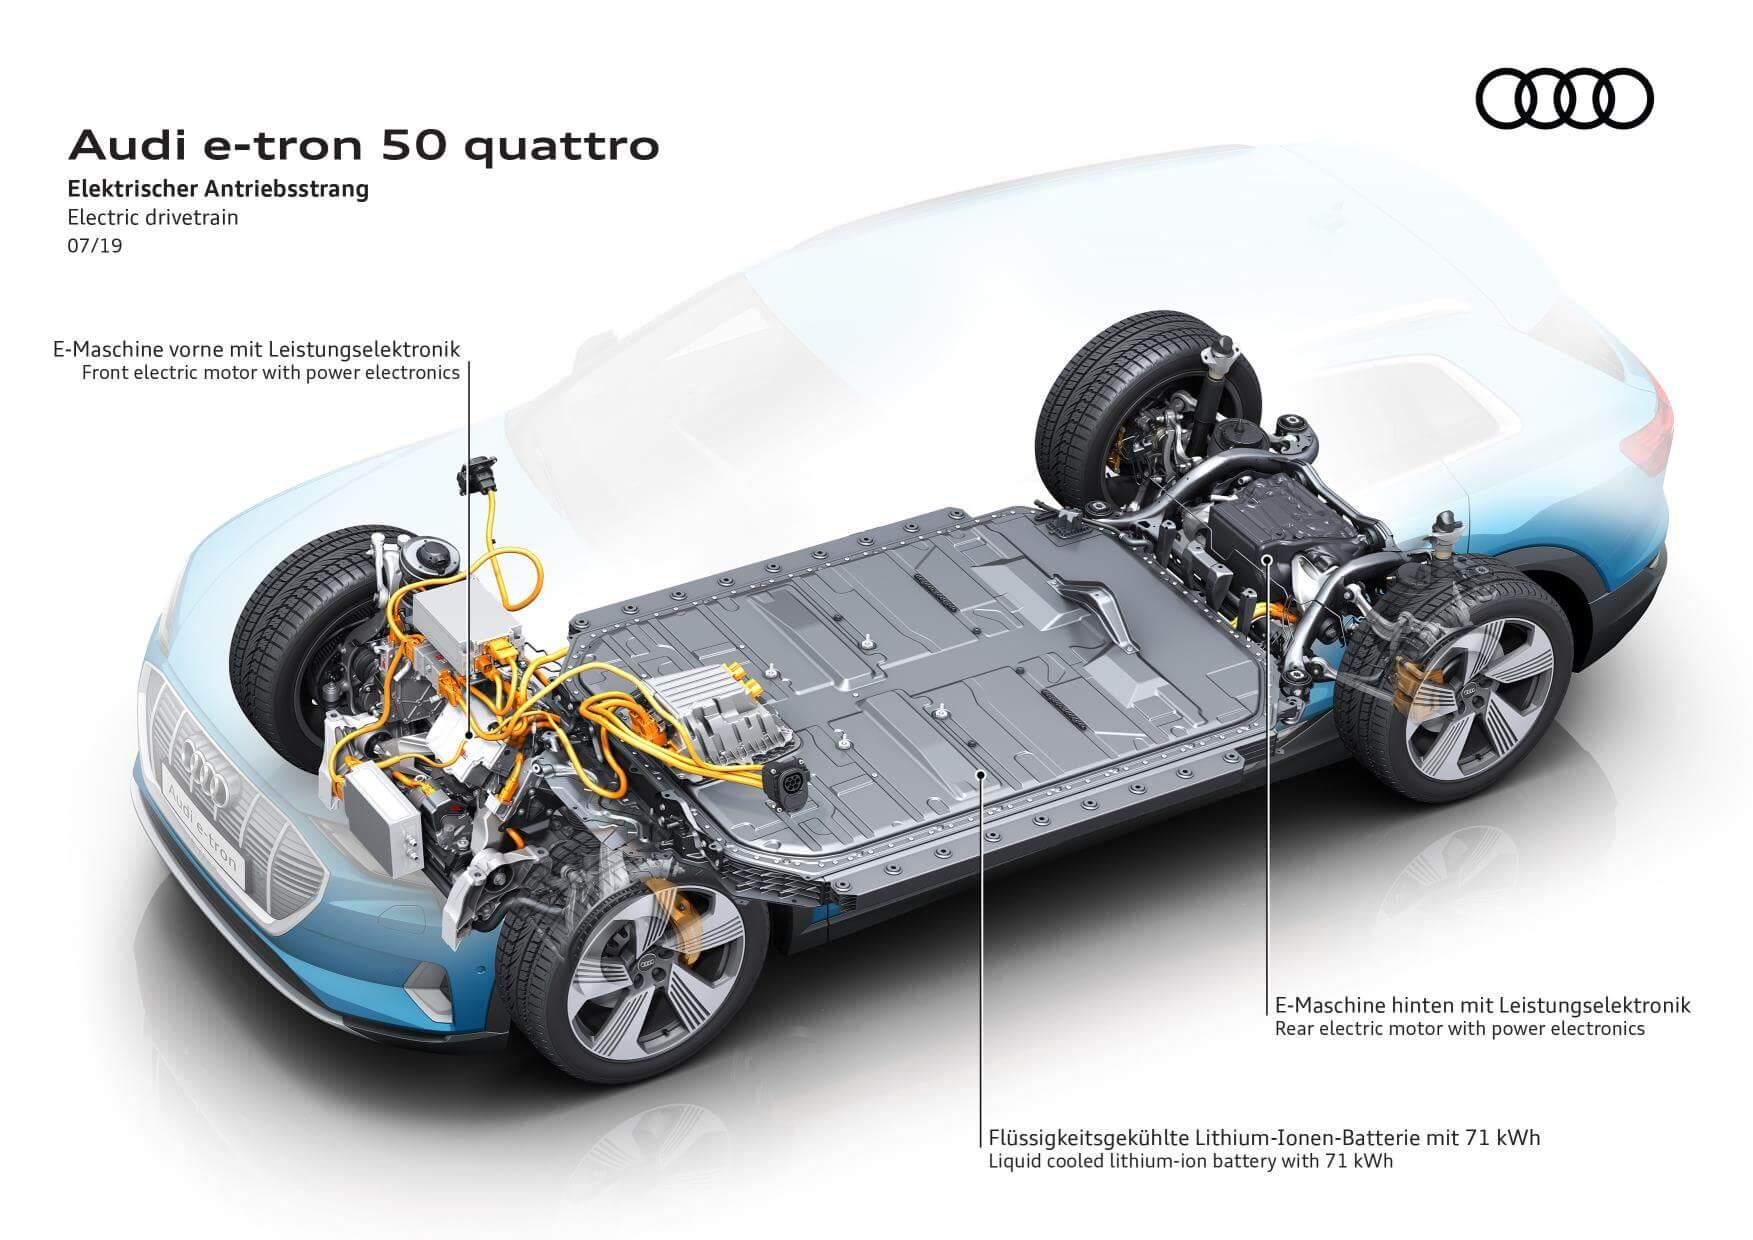 Diagrama del Audi e-tron 50 quattro